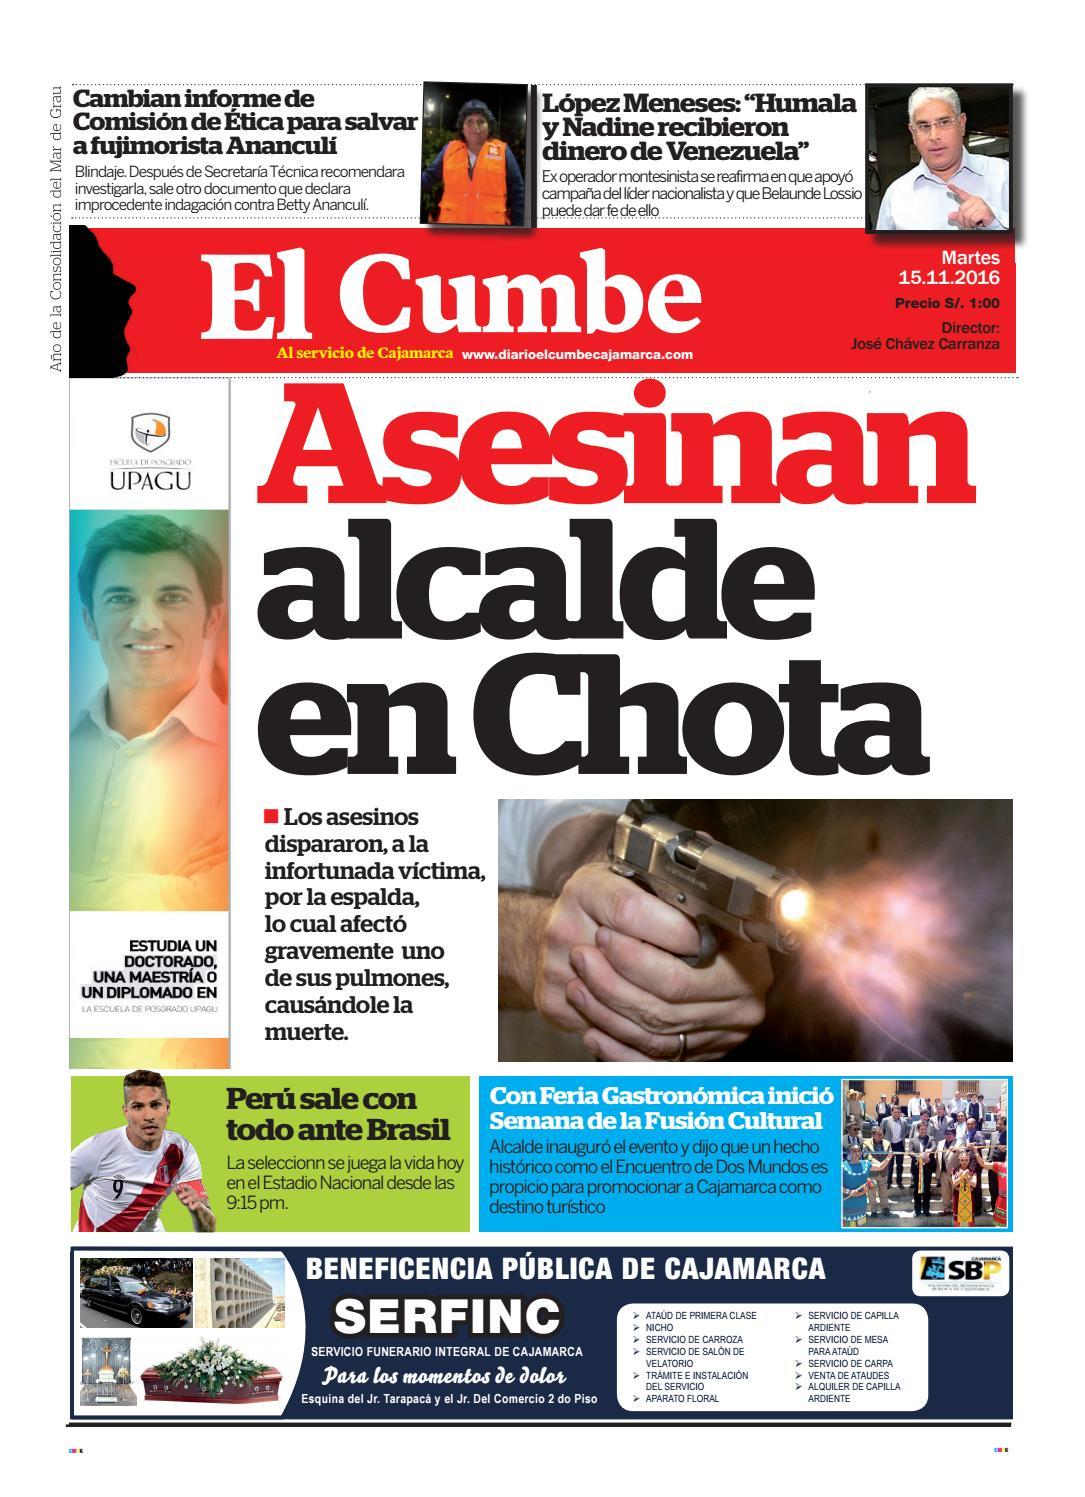 Diario 15 de noviembre by Diario El Cumbe - issuu